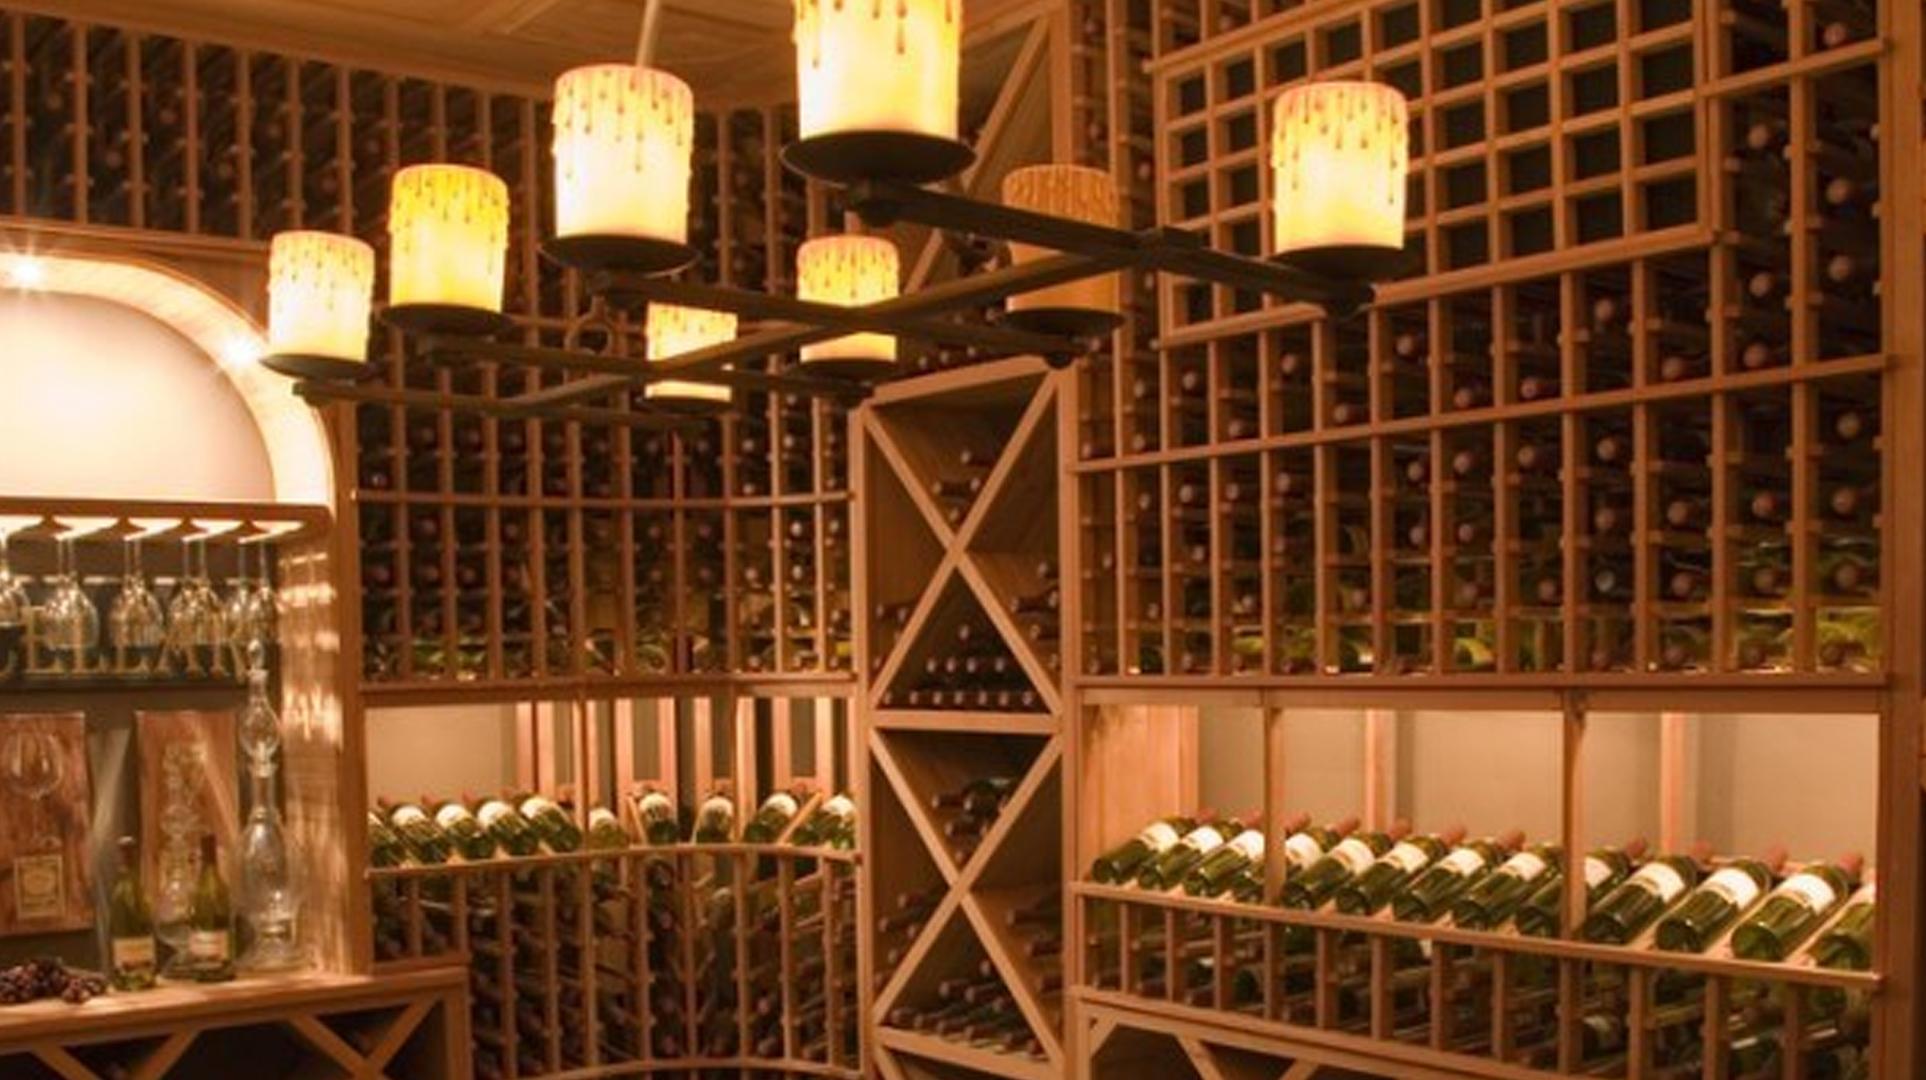 Muebles de vino beautiful armario para vino with muebles - Muebles para vino ...